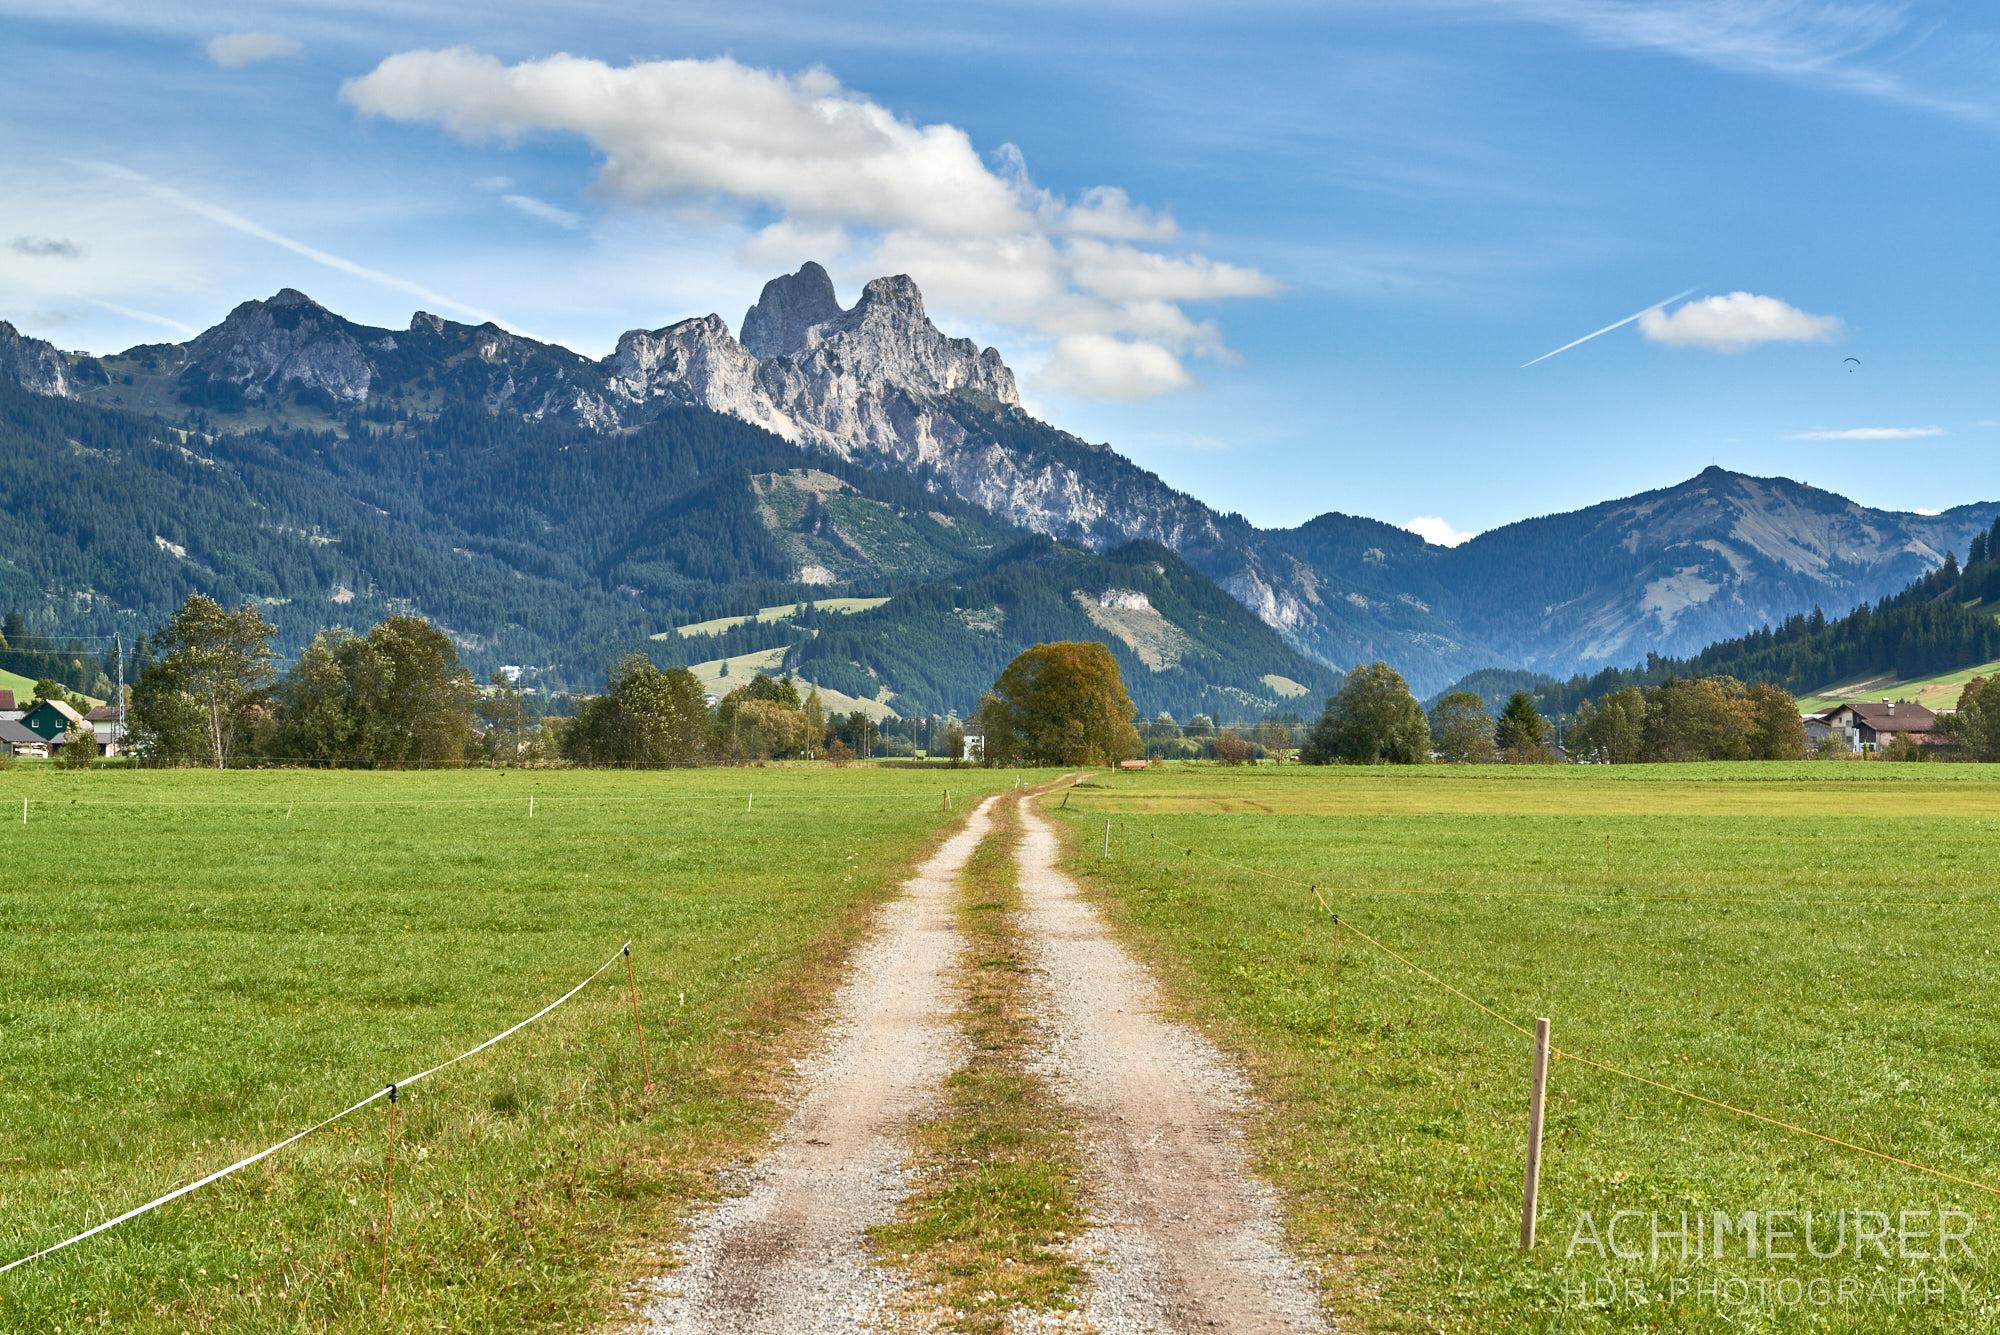 Tannheimertal-Herbst_4527 by AchimMeurer.com .